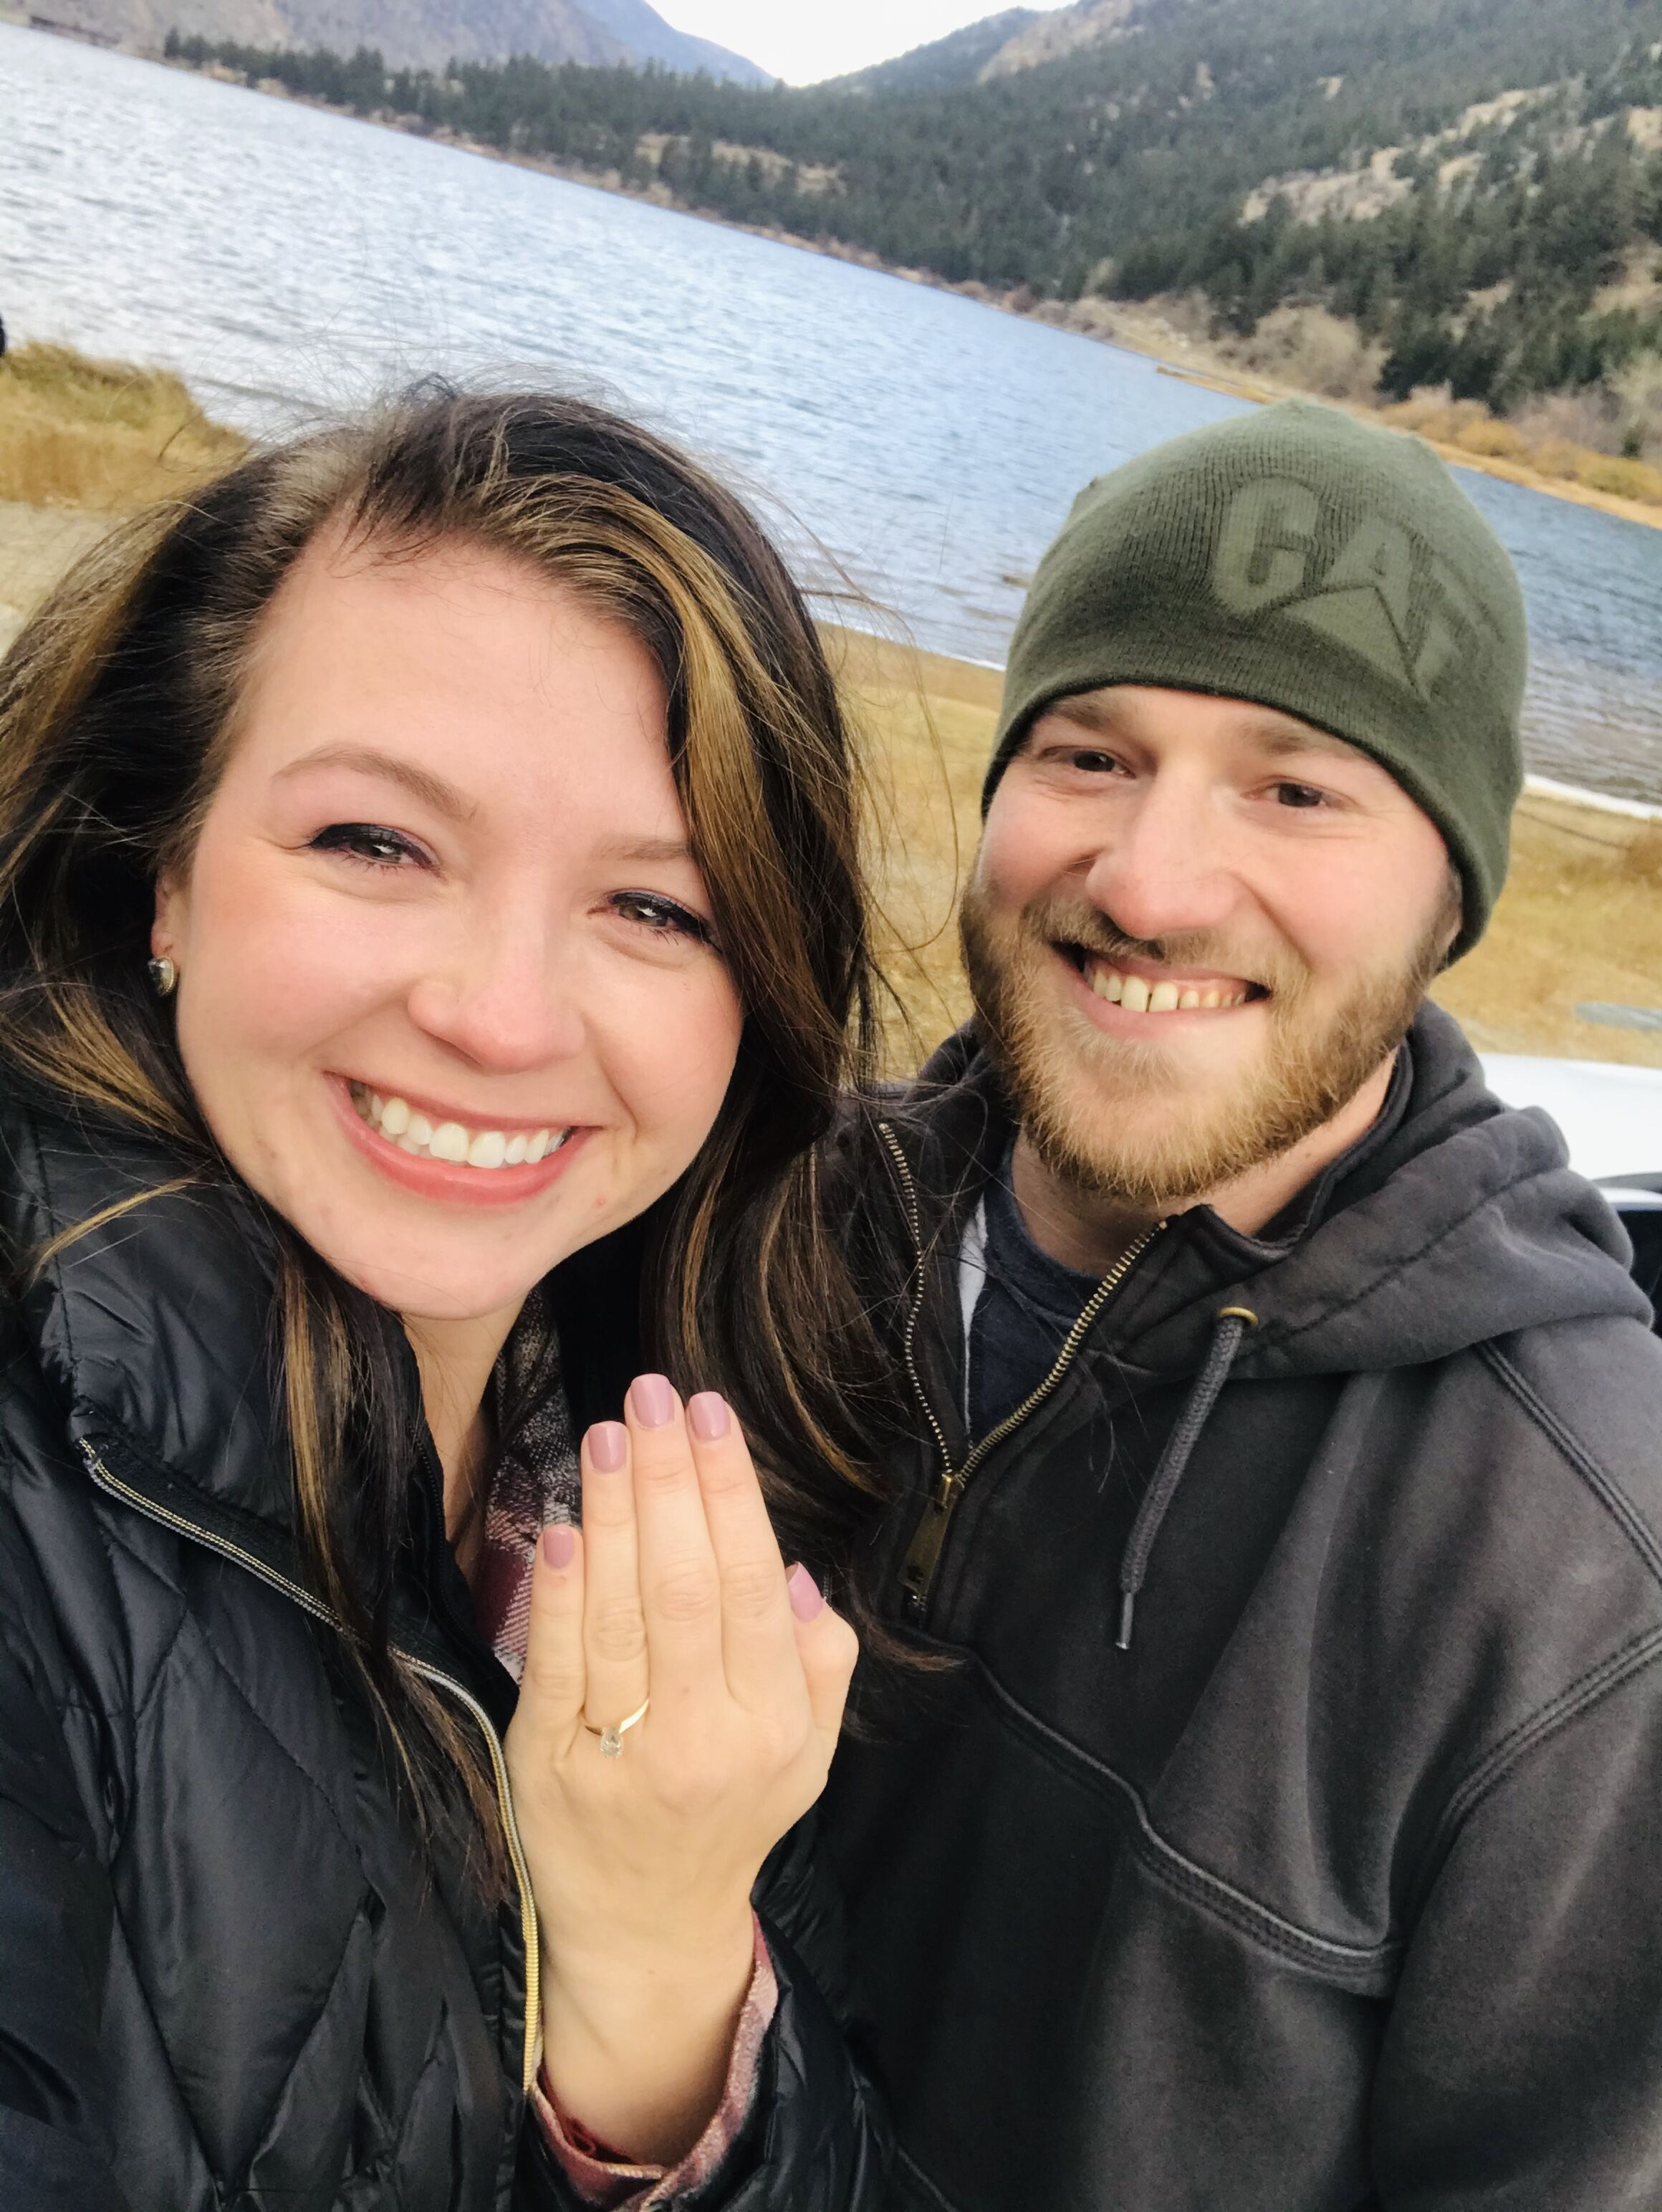 Image 1 of Erica and Benjamin